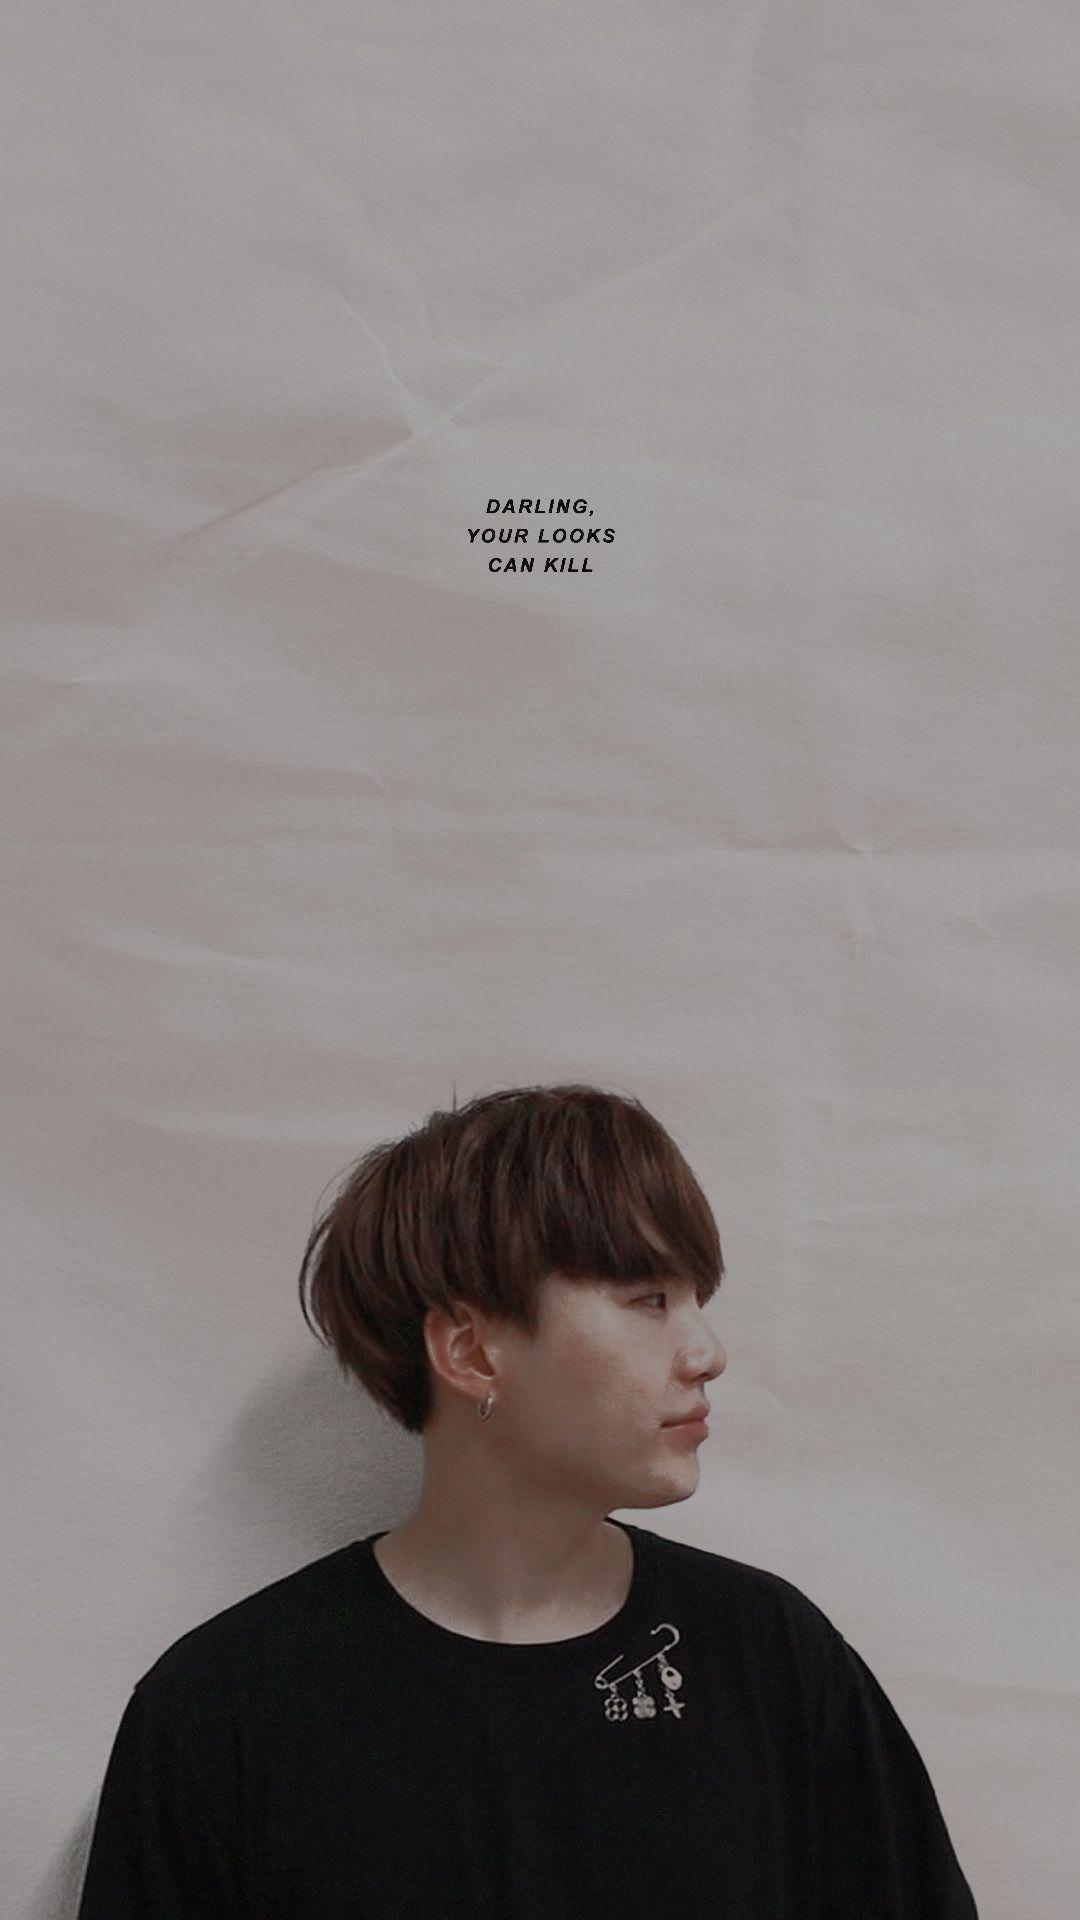 Bts Btswallpaper Aesthetic Suga Yoongi Wallpaper Lucu Fantasi Gelap Gambar